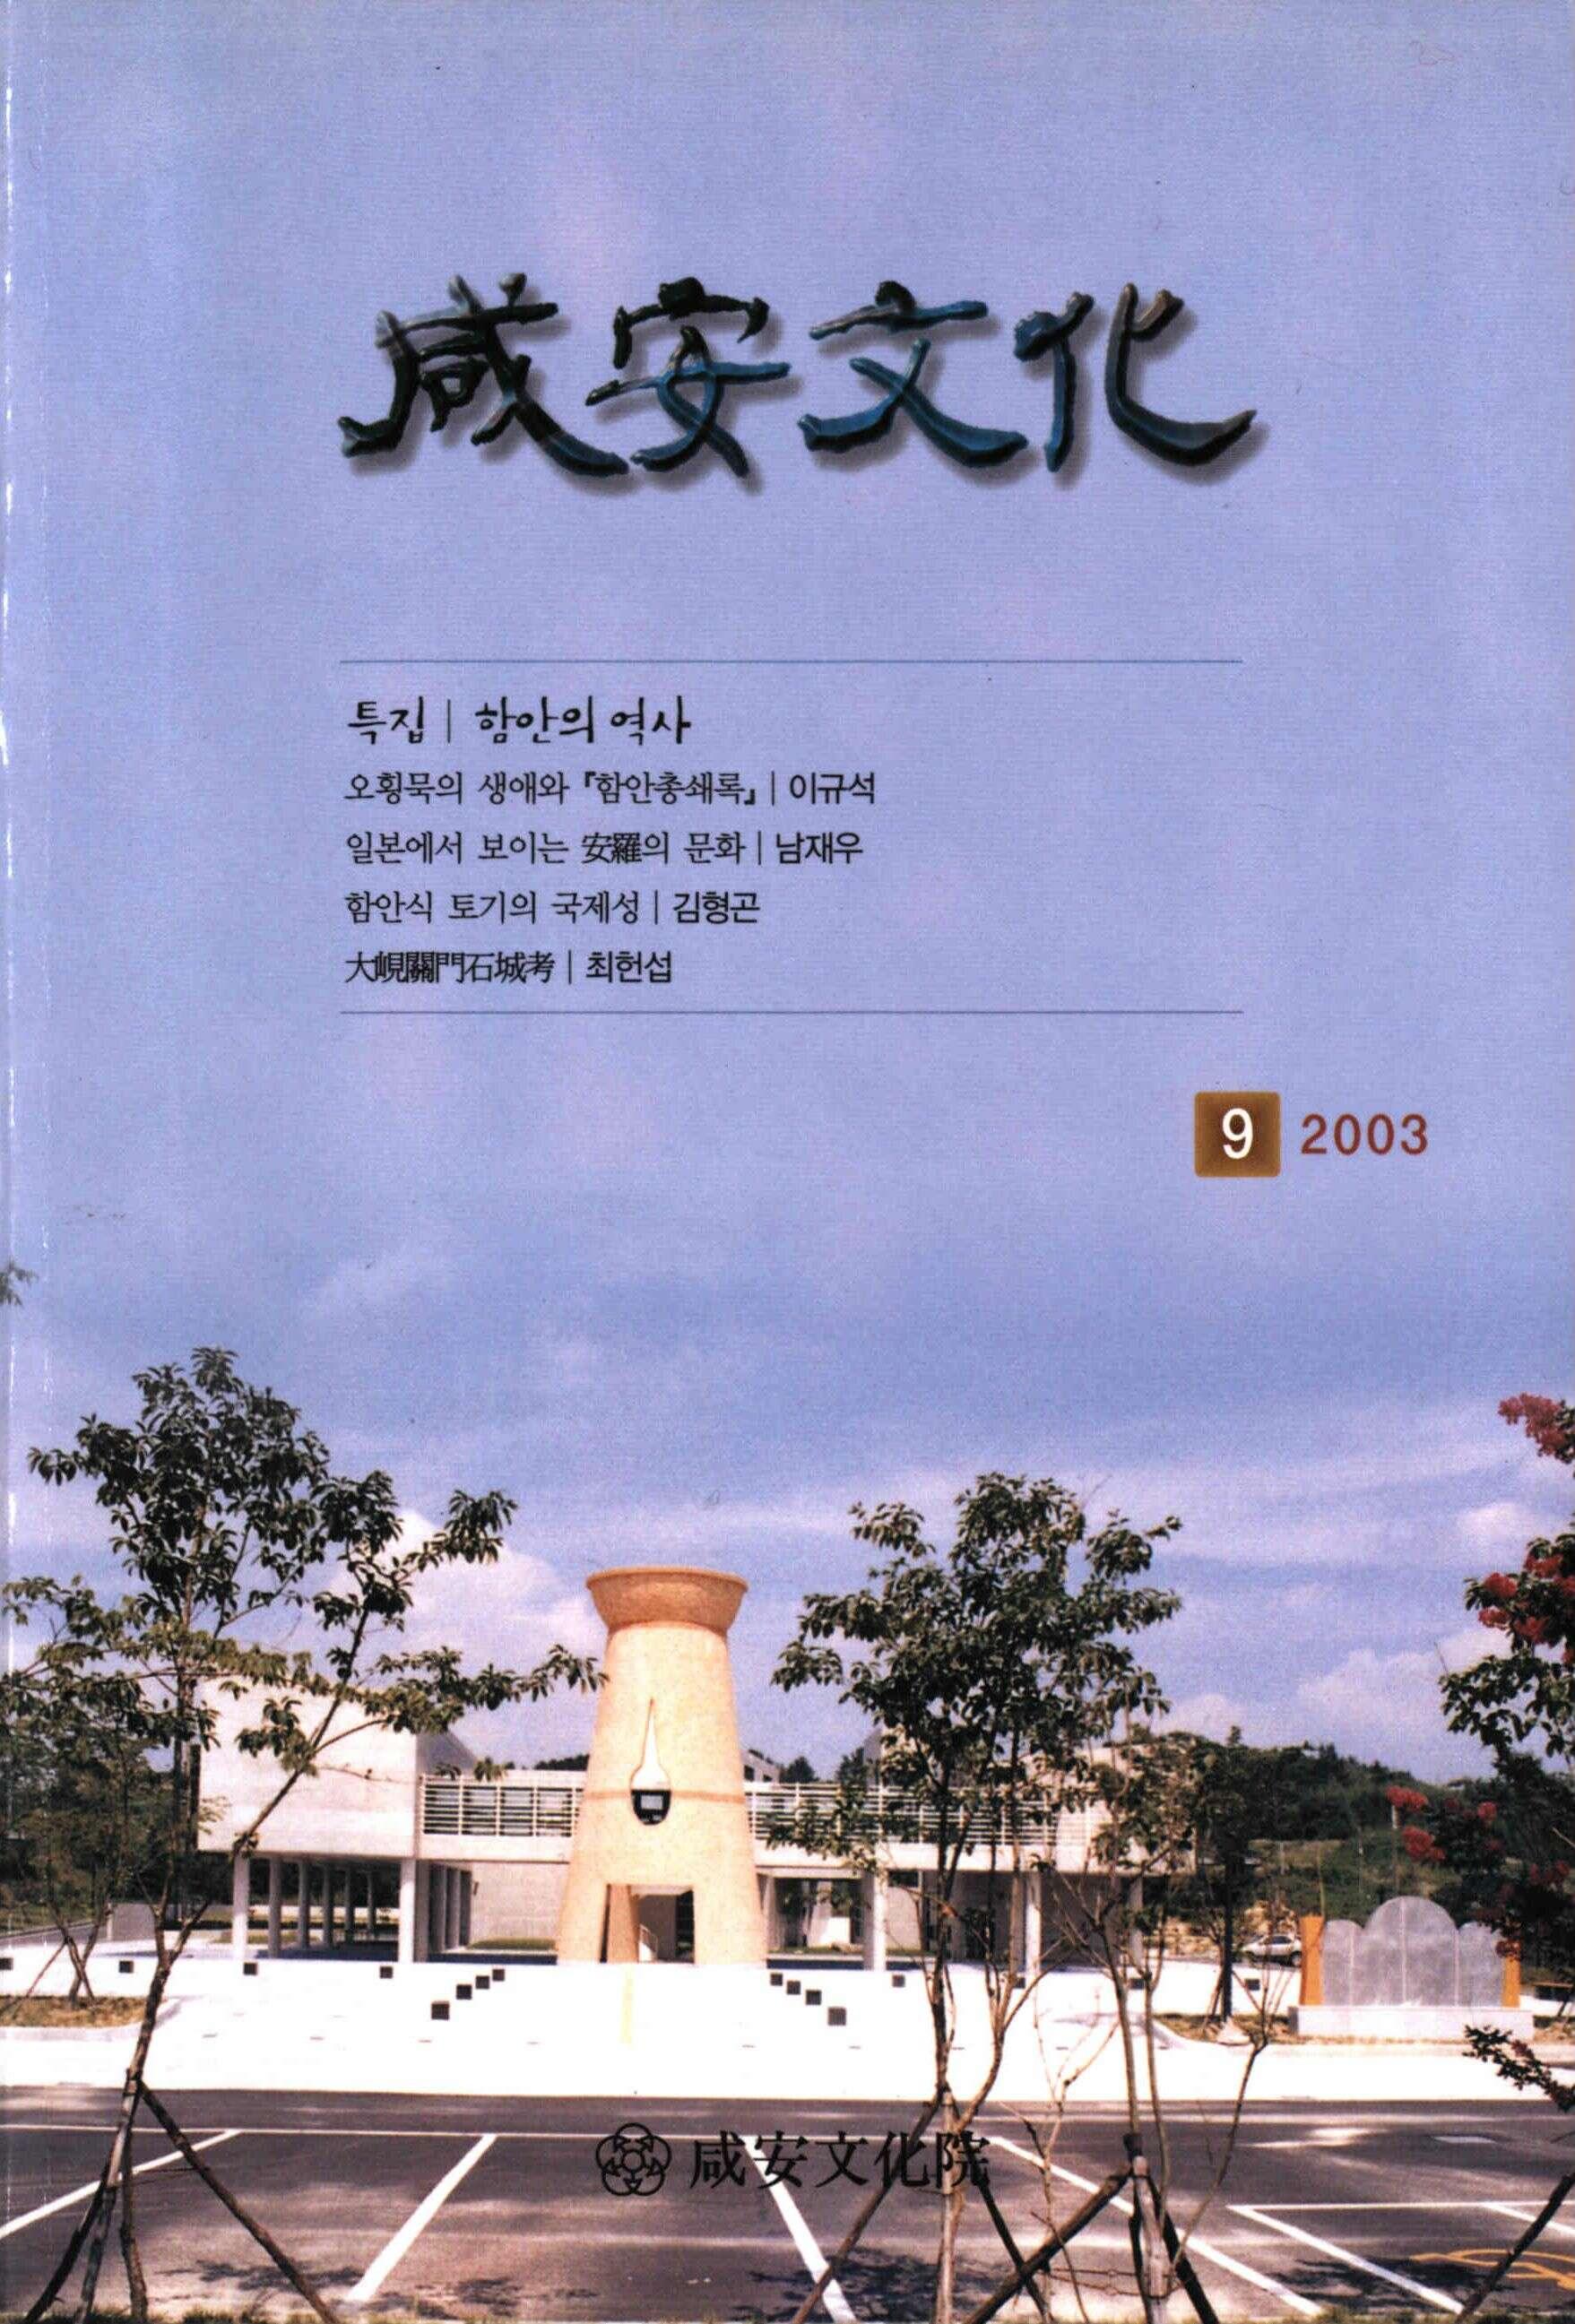 咸安文化(함안문화)/제9호